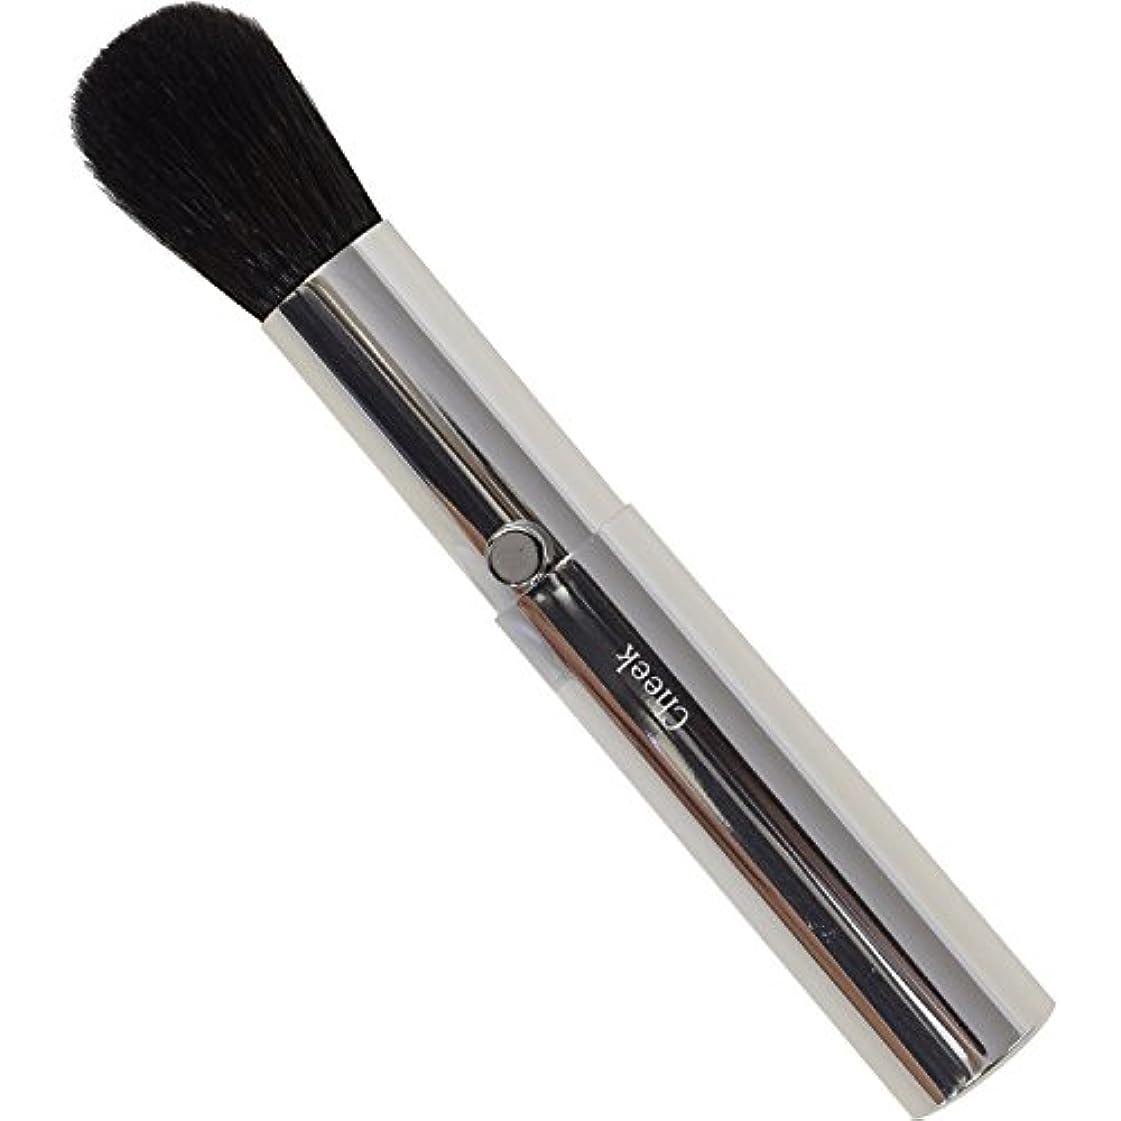 悪質なフォーム旧正月SSS-C2 六角館さくら堂 スタイリッシュシンプルチークブラシ 粗光峰100% 高品質のスライドタイプ化粧筆